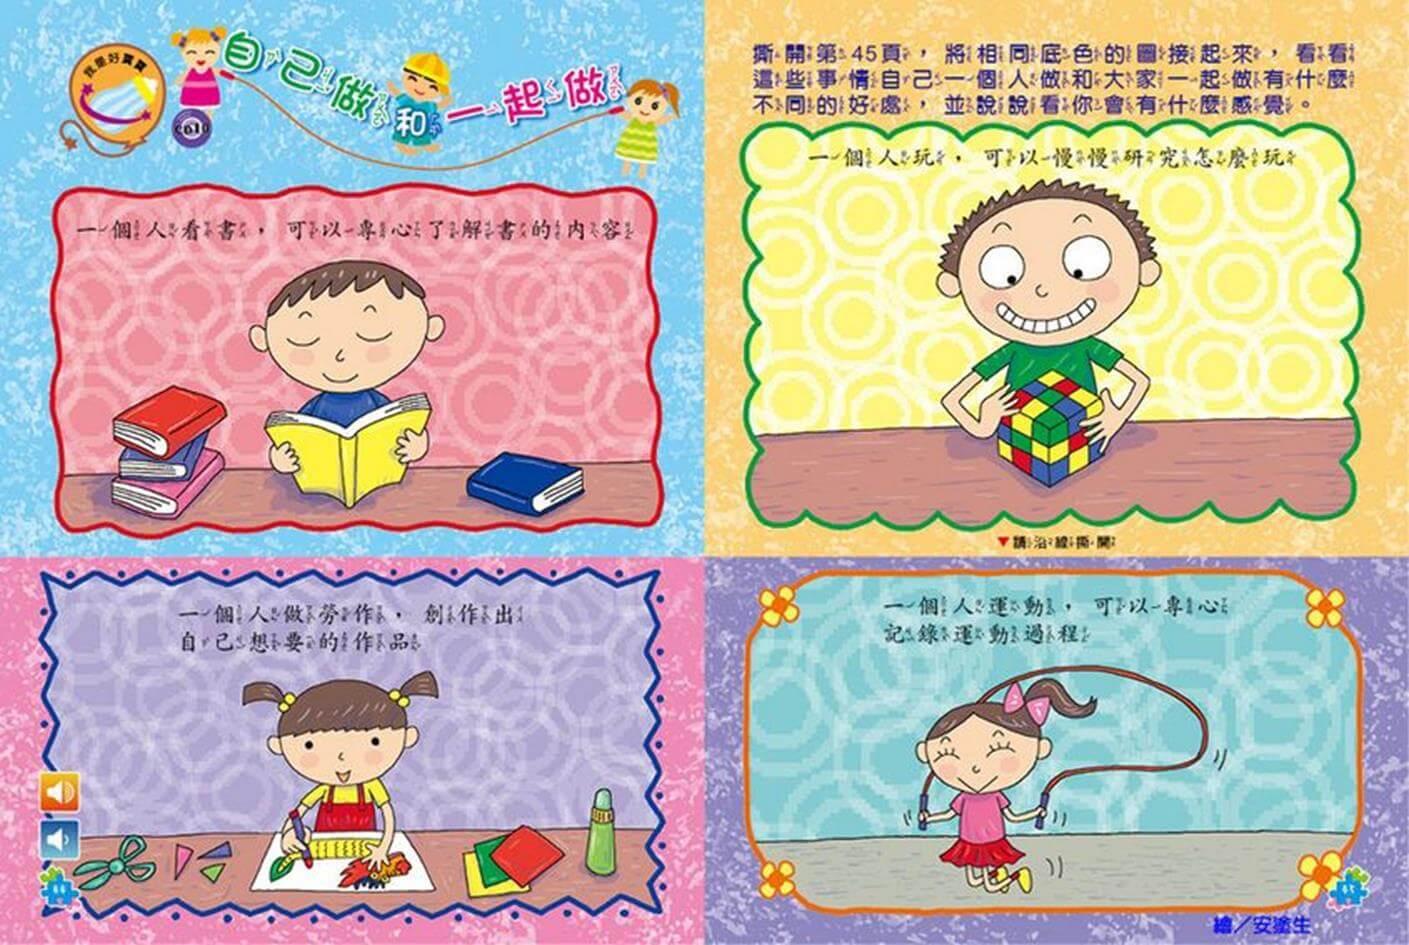 052916 1042 NO8 - 全國兒童樂園 小飛蛙月刊 NO.306 期出刊囉!